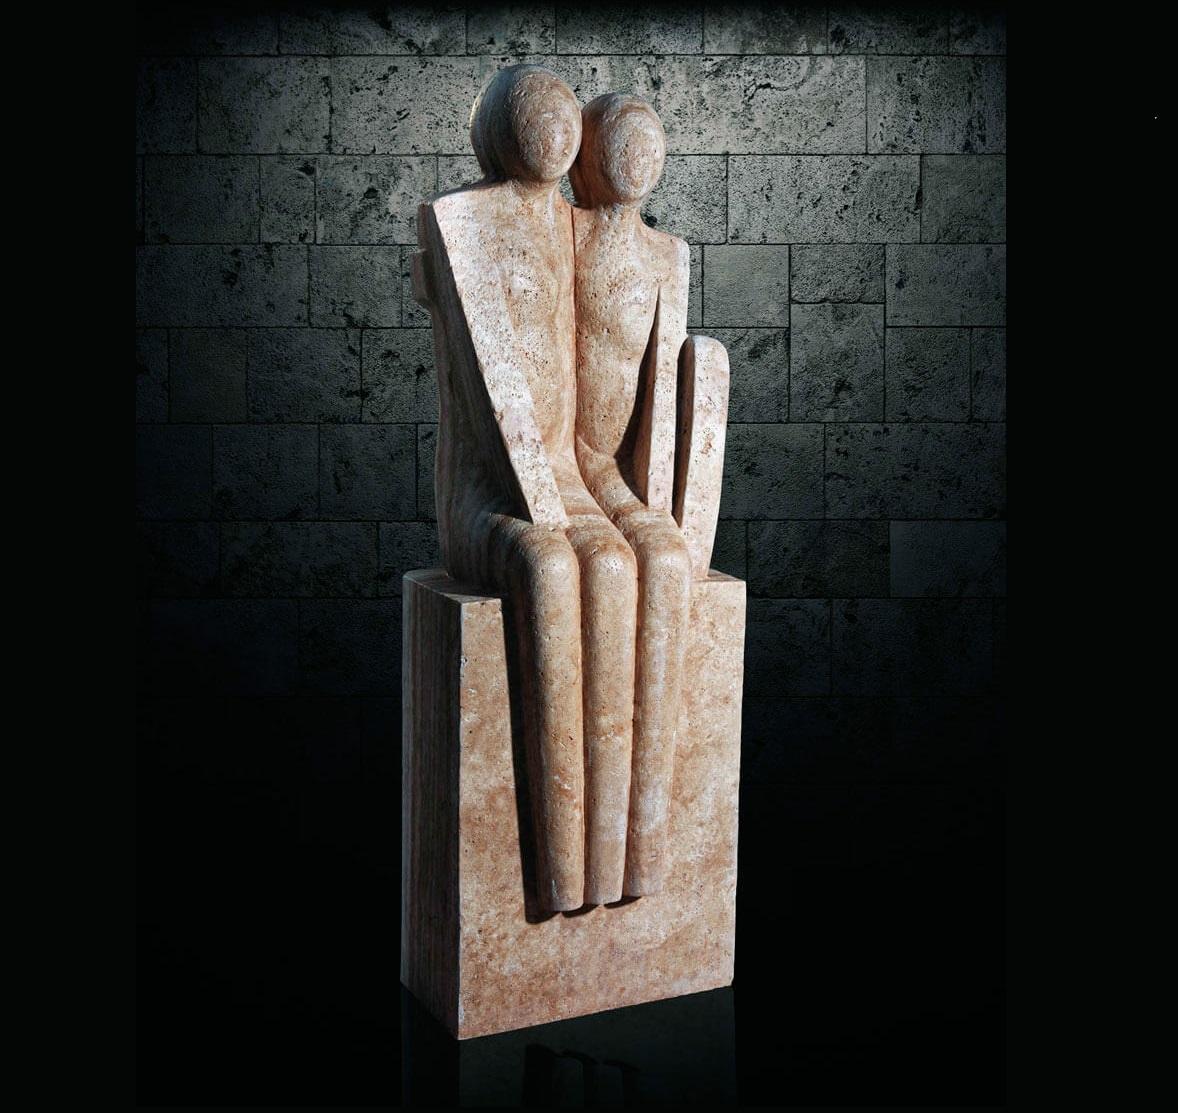 مجسمه سنگی - st229